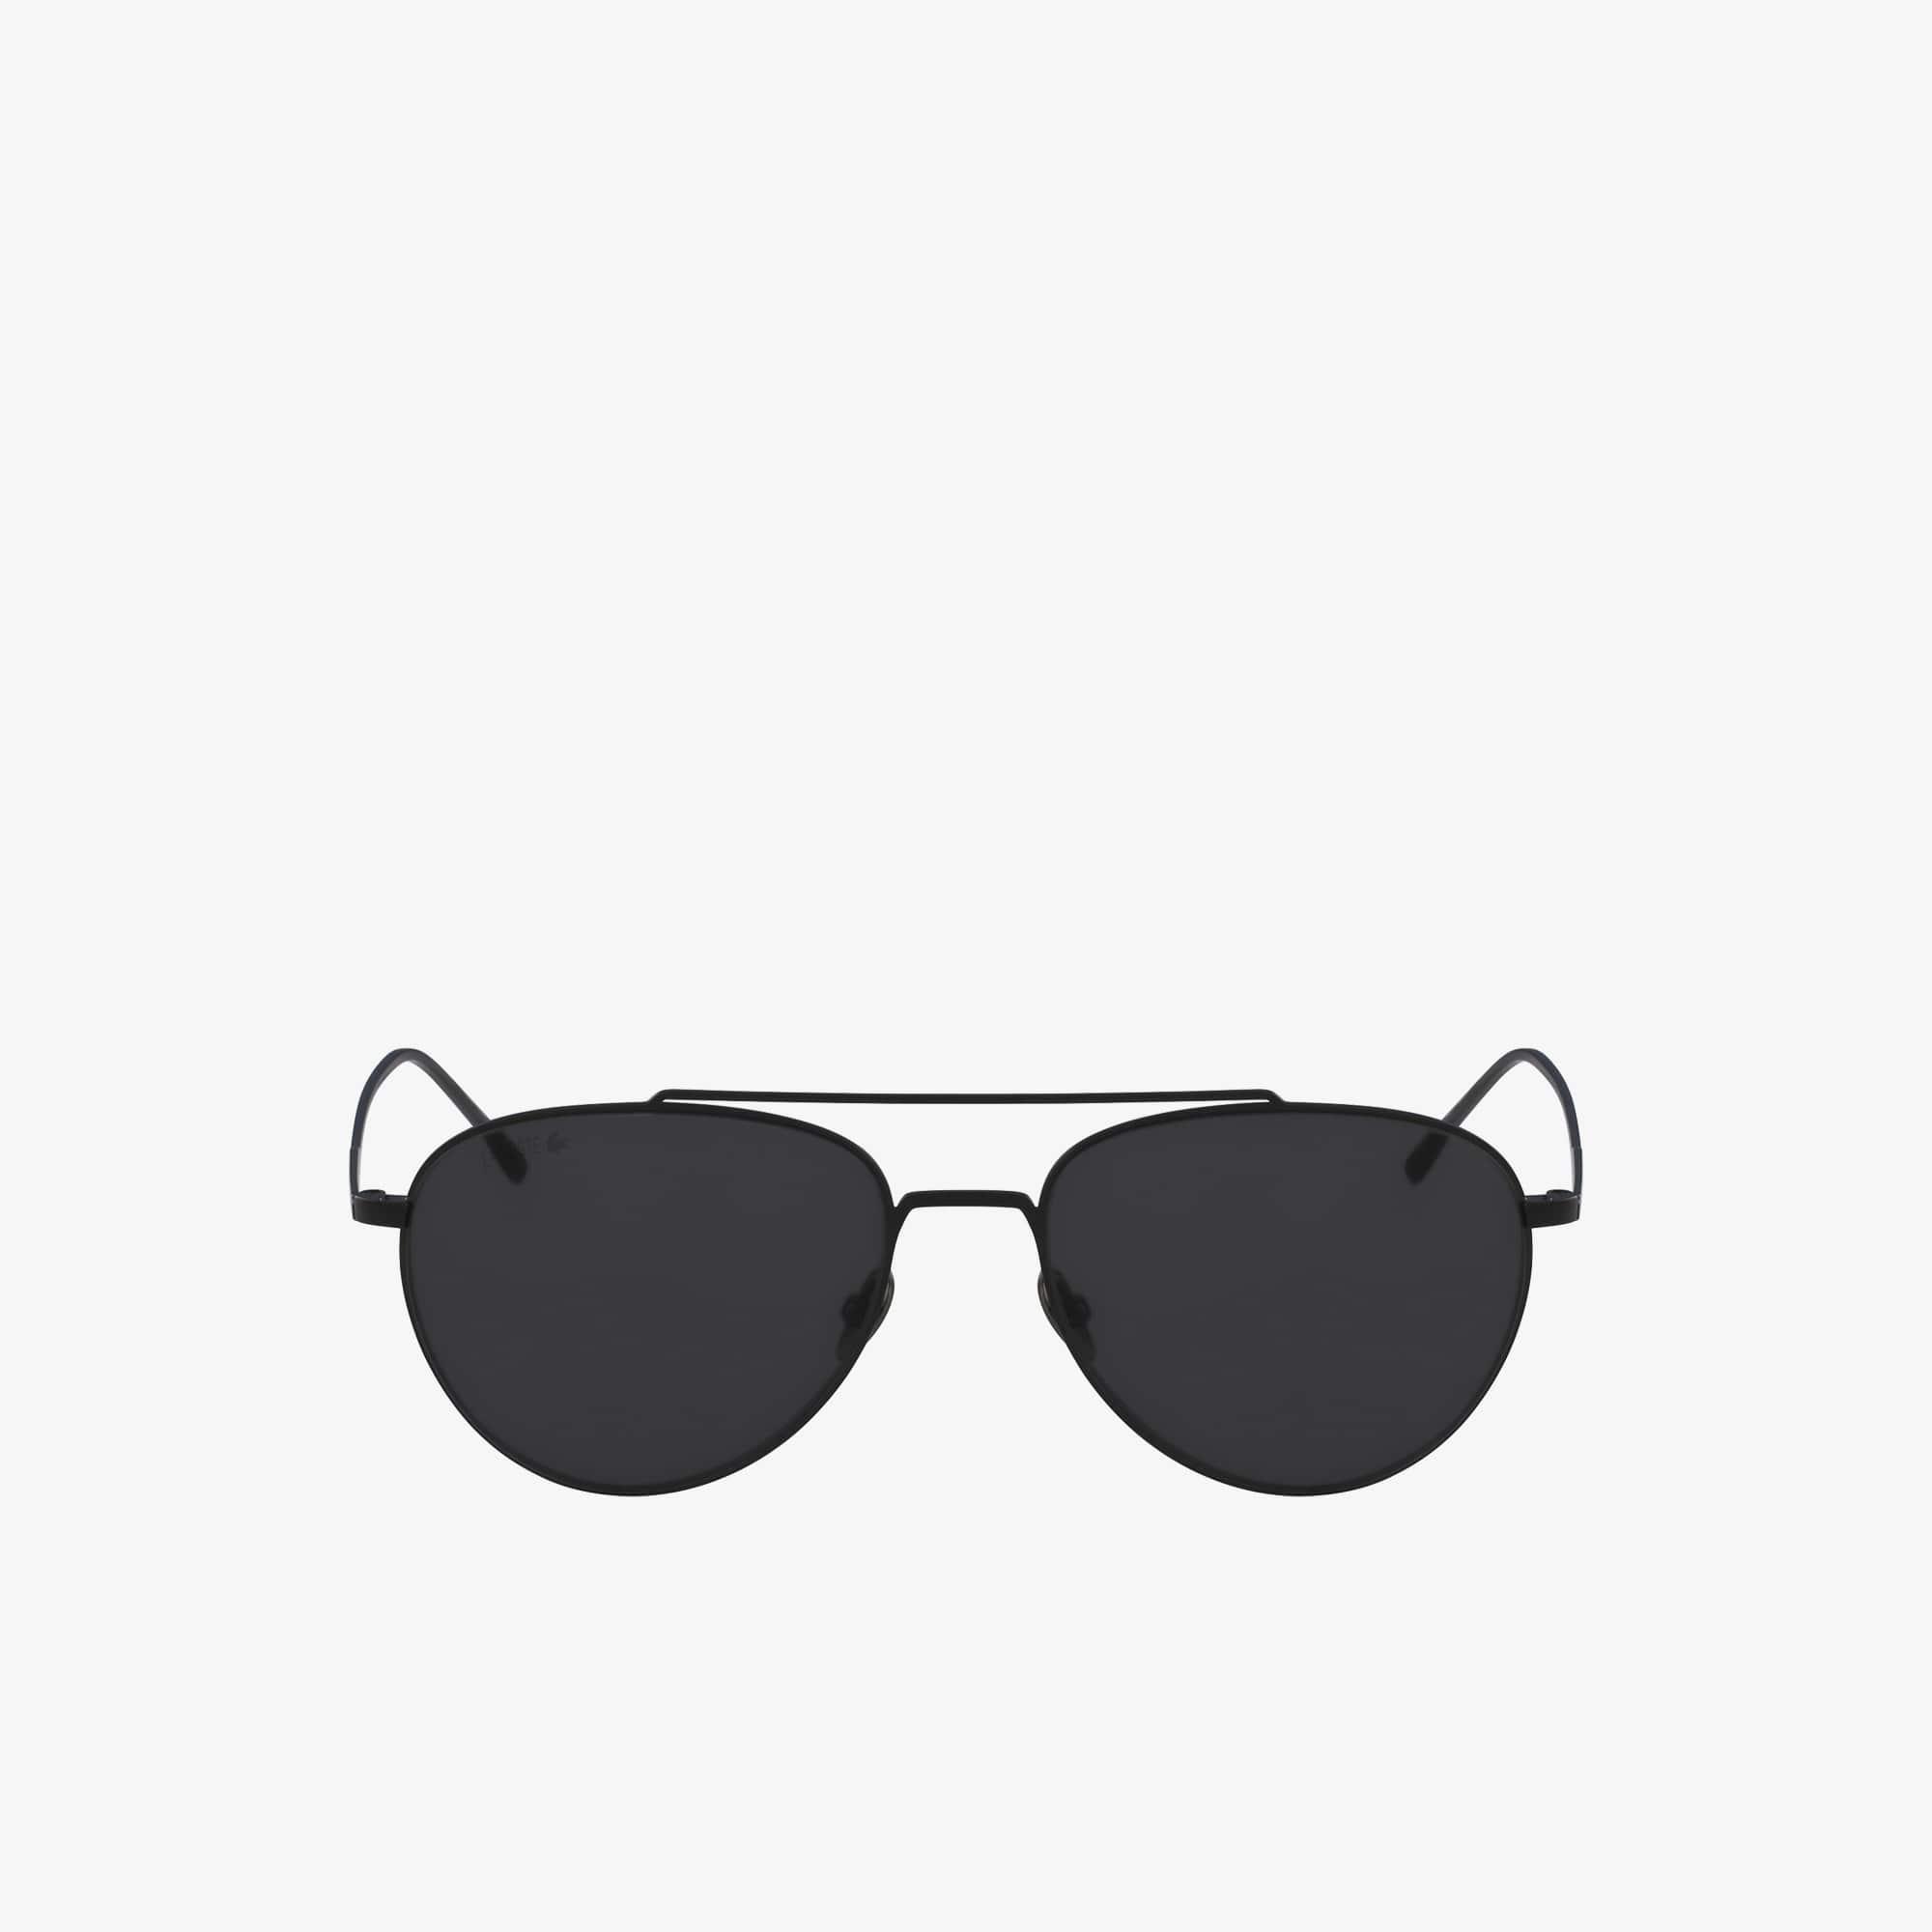 84e9554c4e Unisex Petit Piqué Sunglasses with Metal Frames